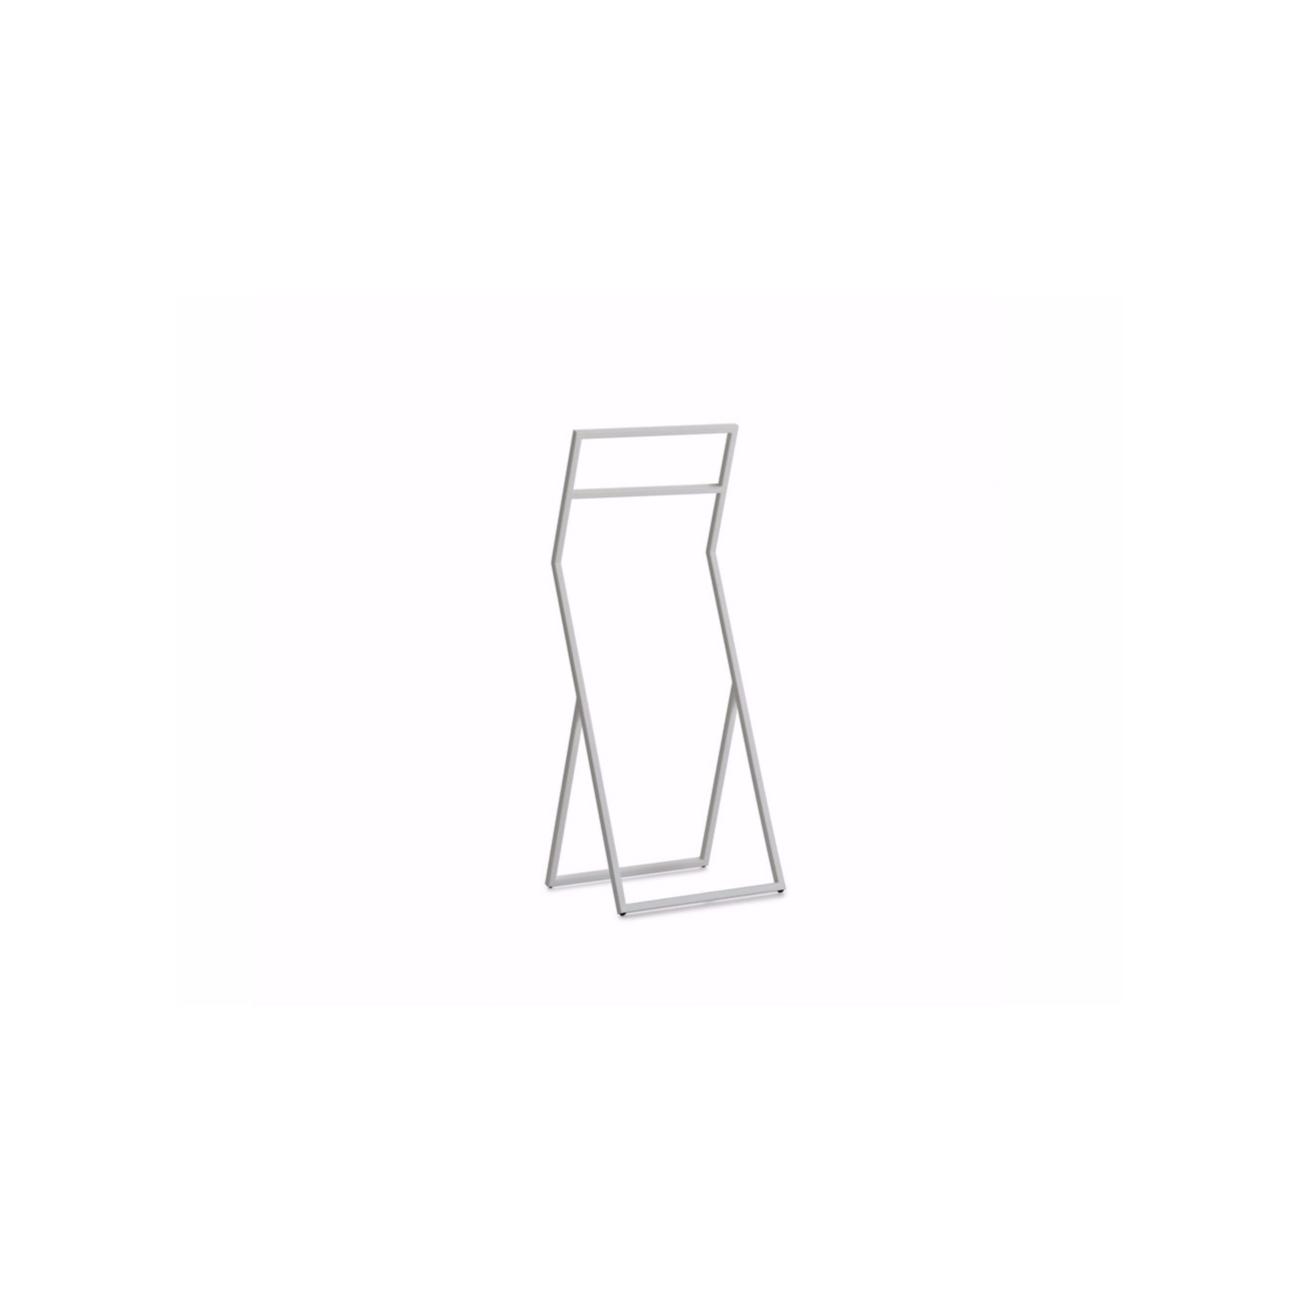 ARCOM DRESS-UP  Freestanding towel hanger